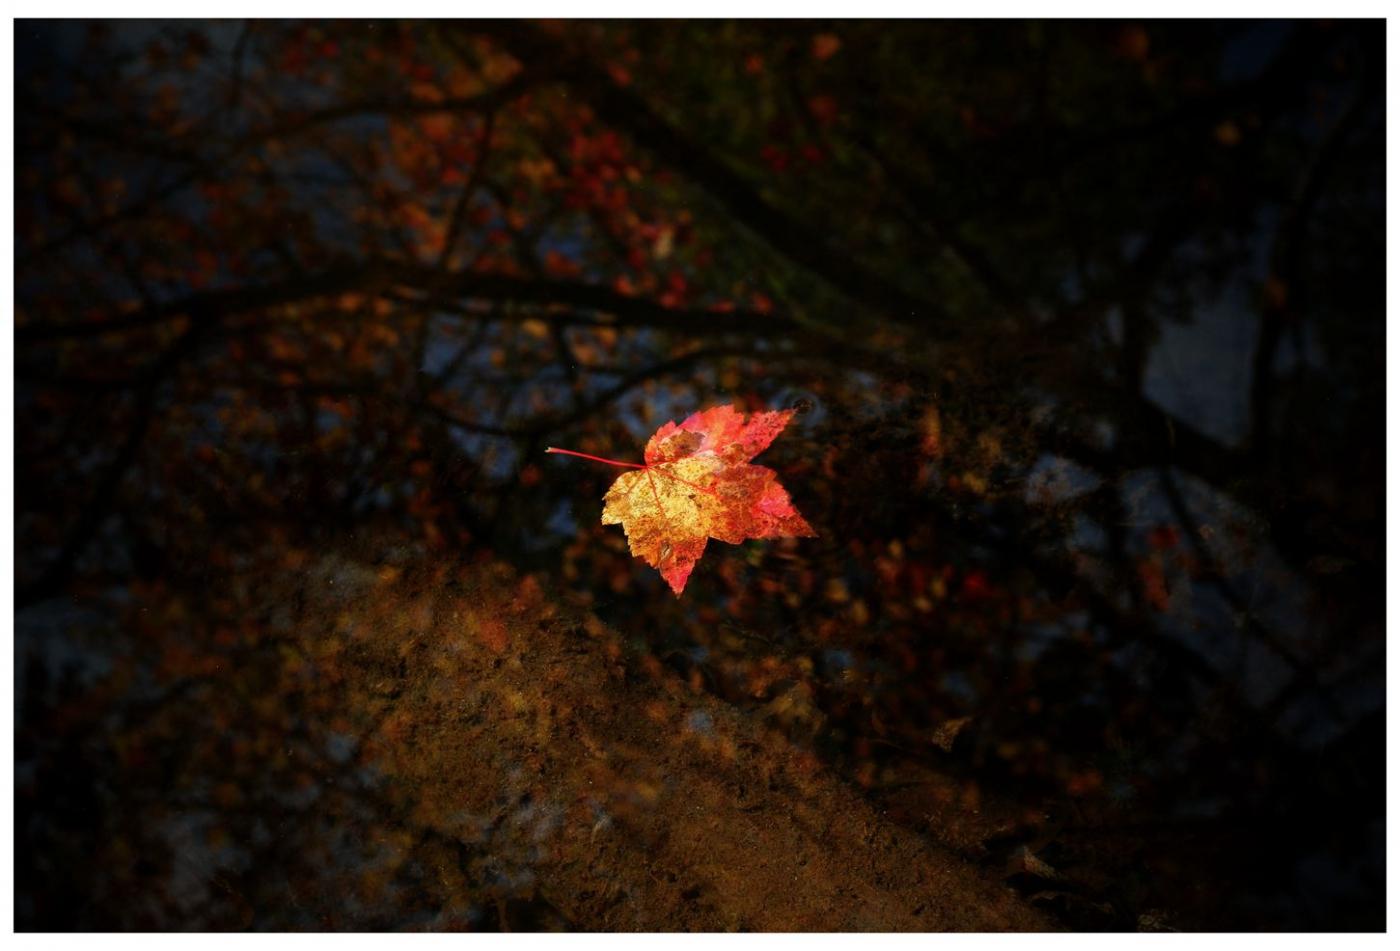 风光] 叶到红时勘比花—实拍美国东部深秋红叶_图1-21